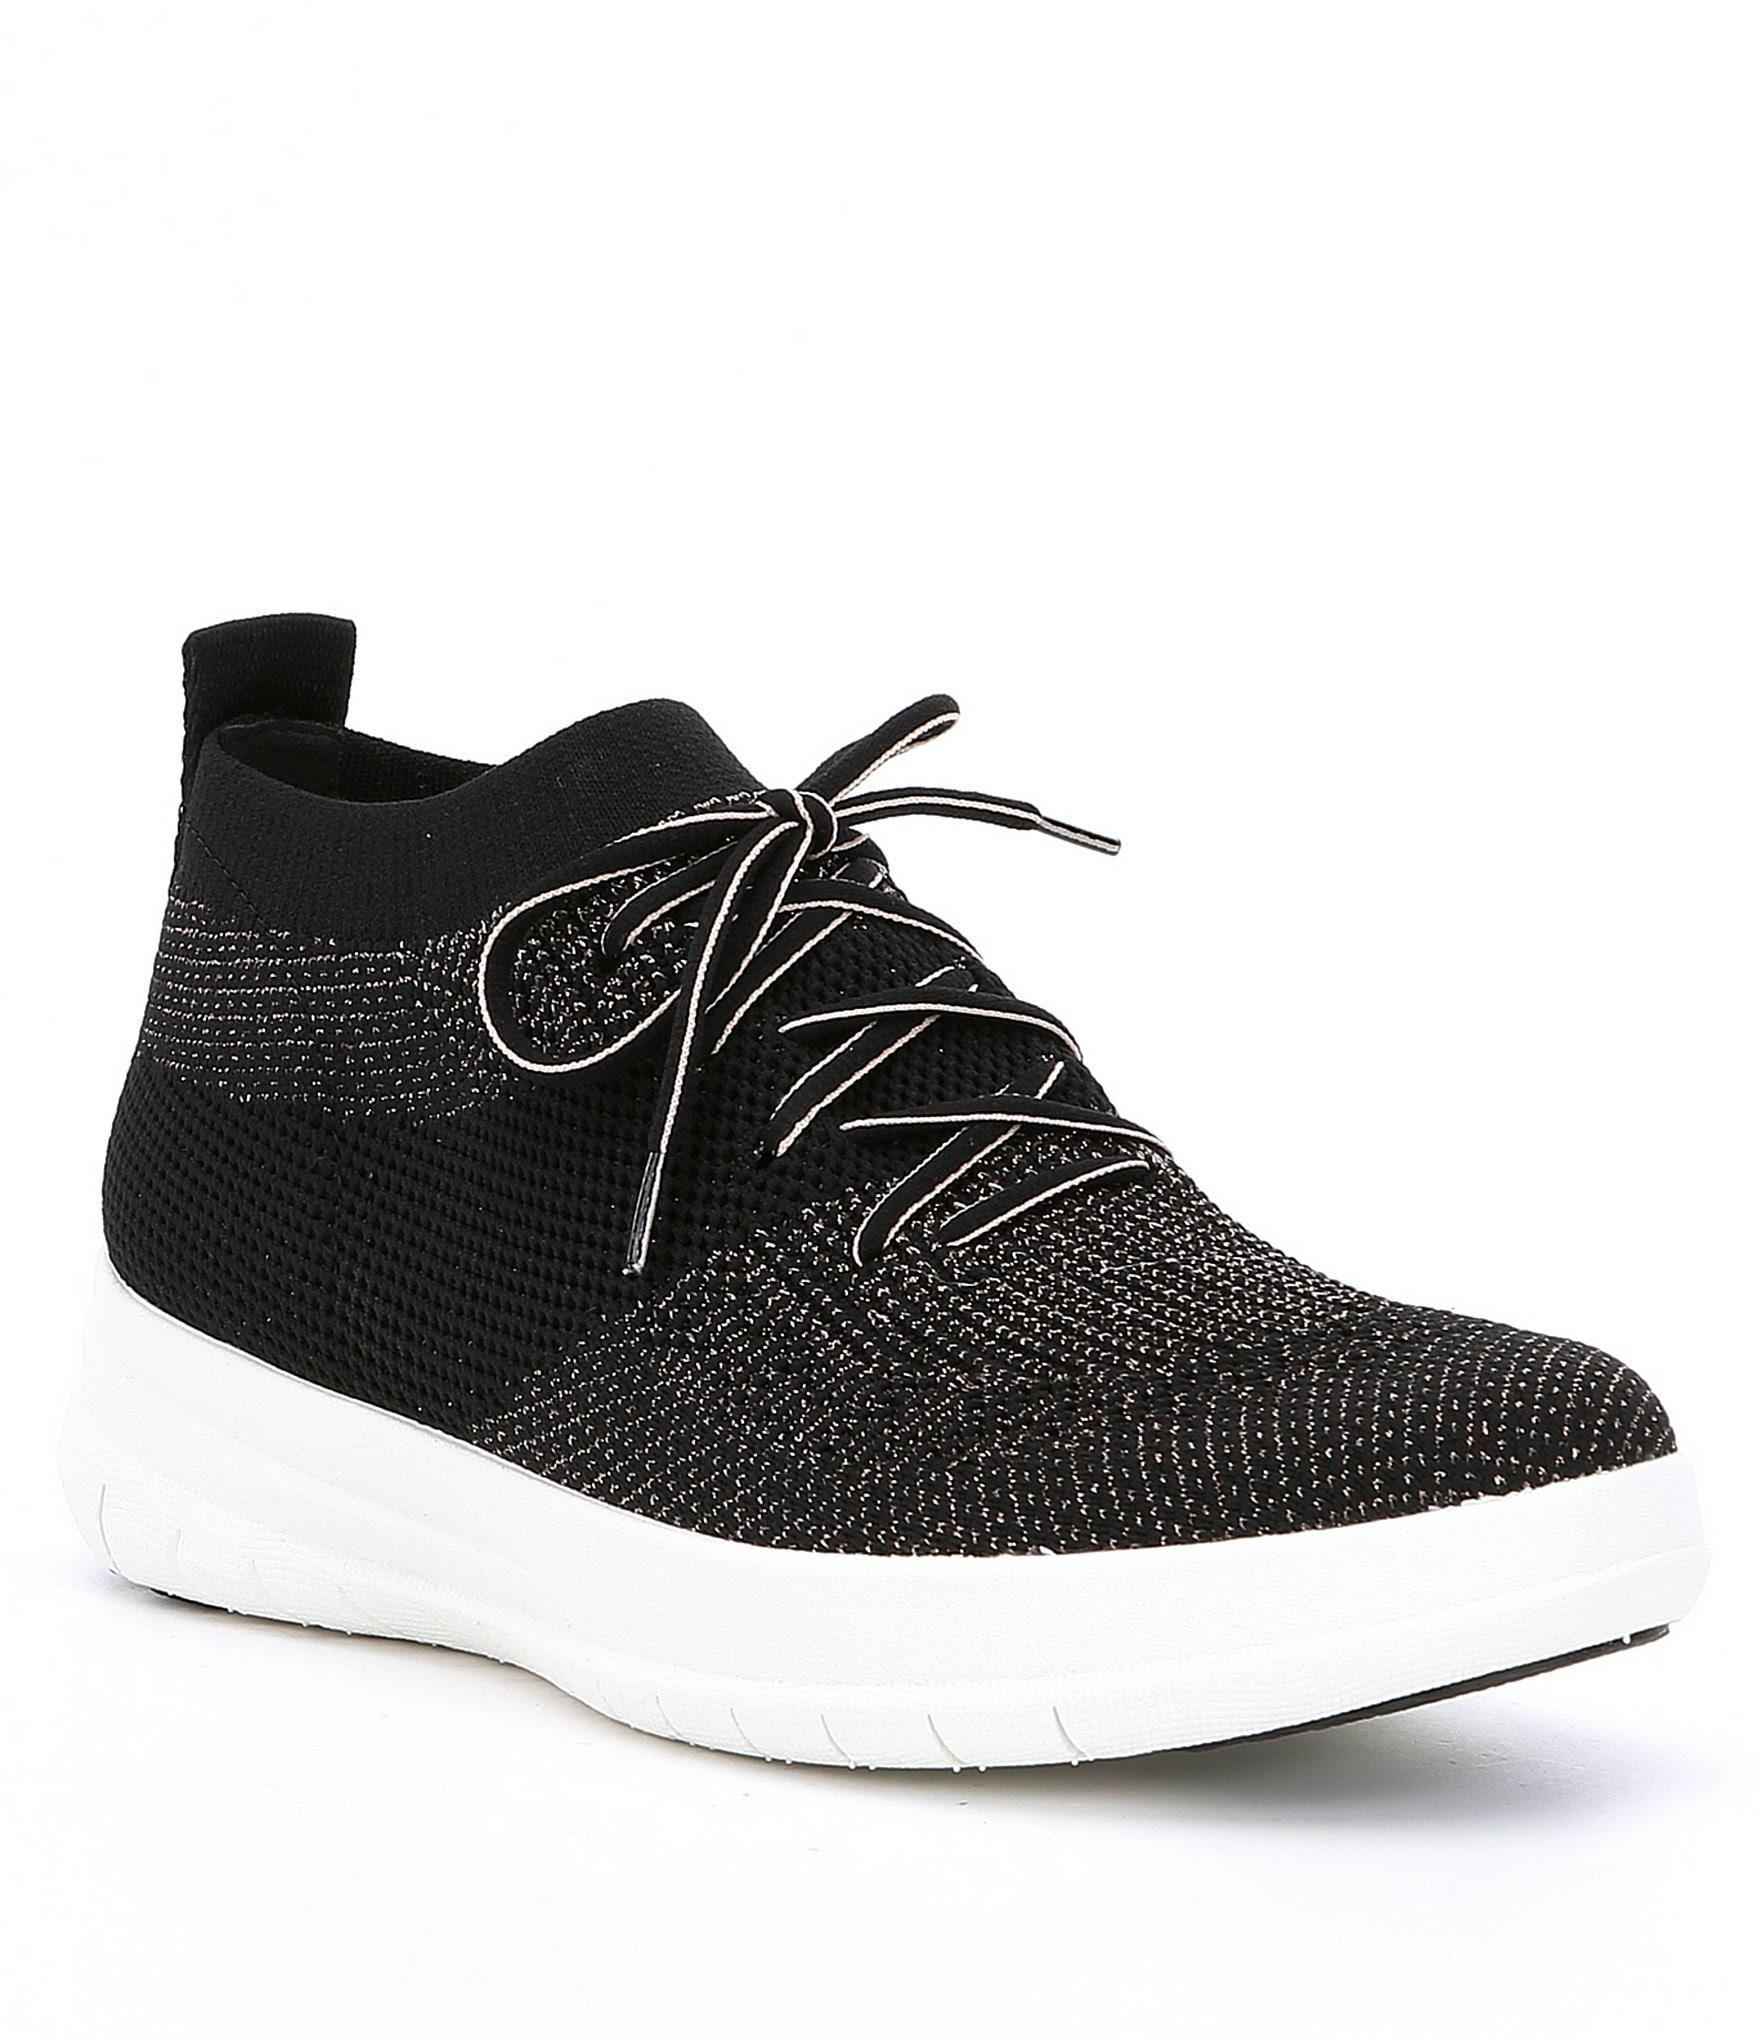 Fitflop Uberknit High Top Sneakers Dillards